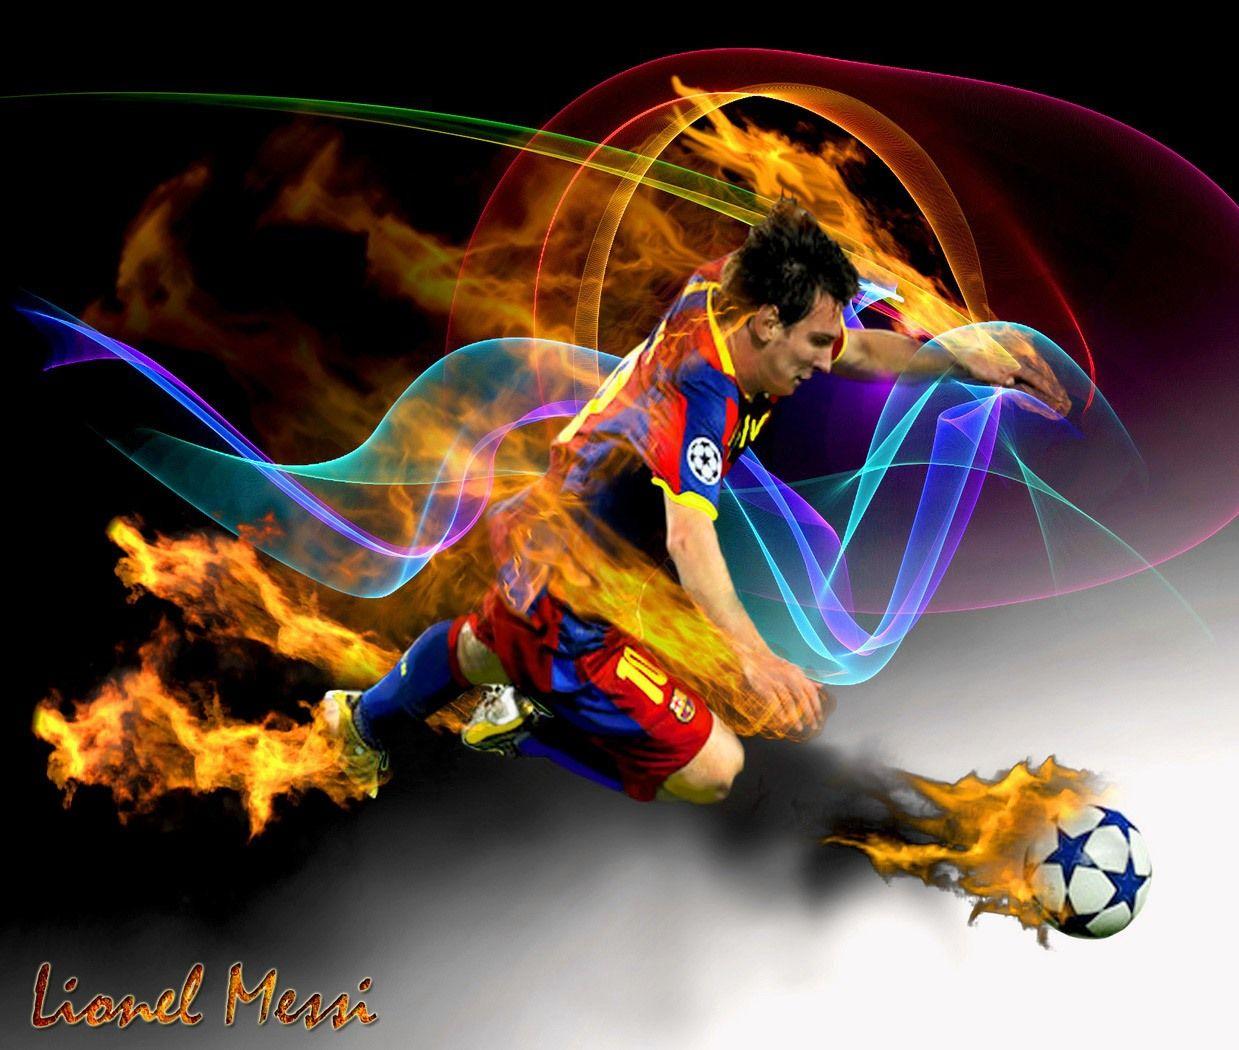 Lionel Messi Shoot Moment Football Wallpaper Full Hd Lionel Messi Lionel Messi Wallpapers Messi